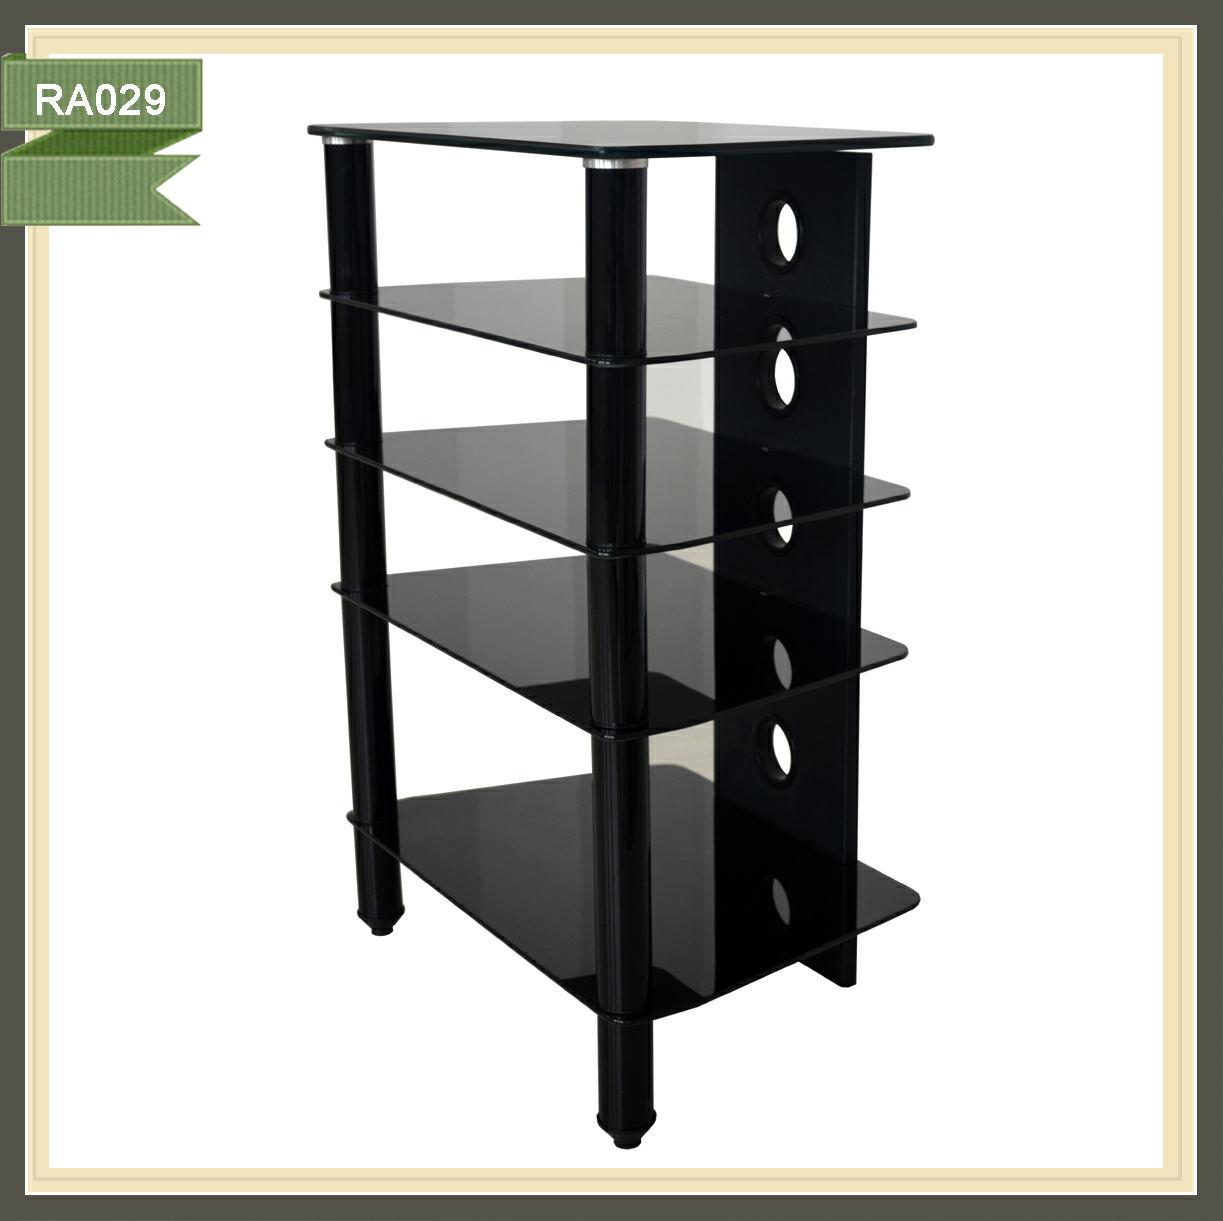 Wall Mounted Tv Cabinet : wall mounted tv cabinet design contemporary tv cabinets india ...